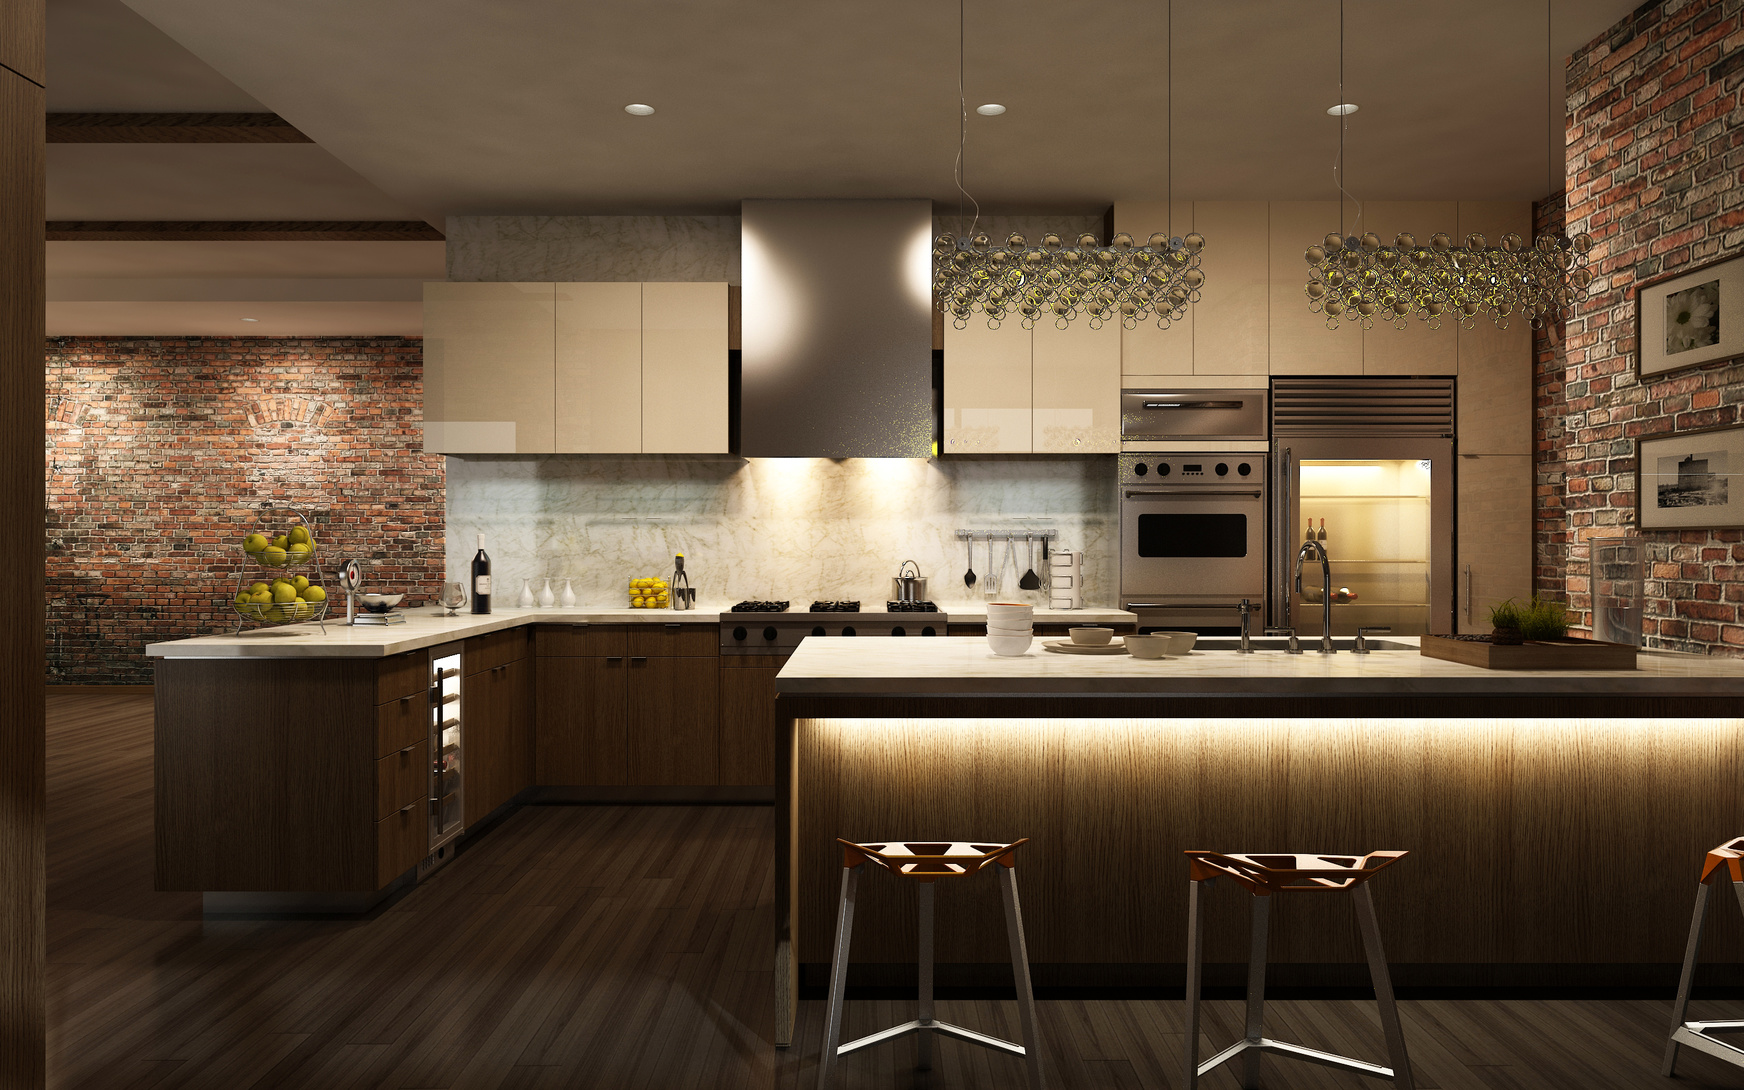 Küchengestaltung wand  Küchengestaltung: 10 kreative Ideen zum Gestalten einer Küche